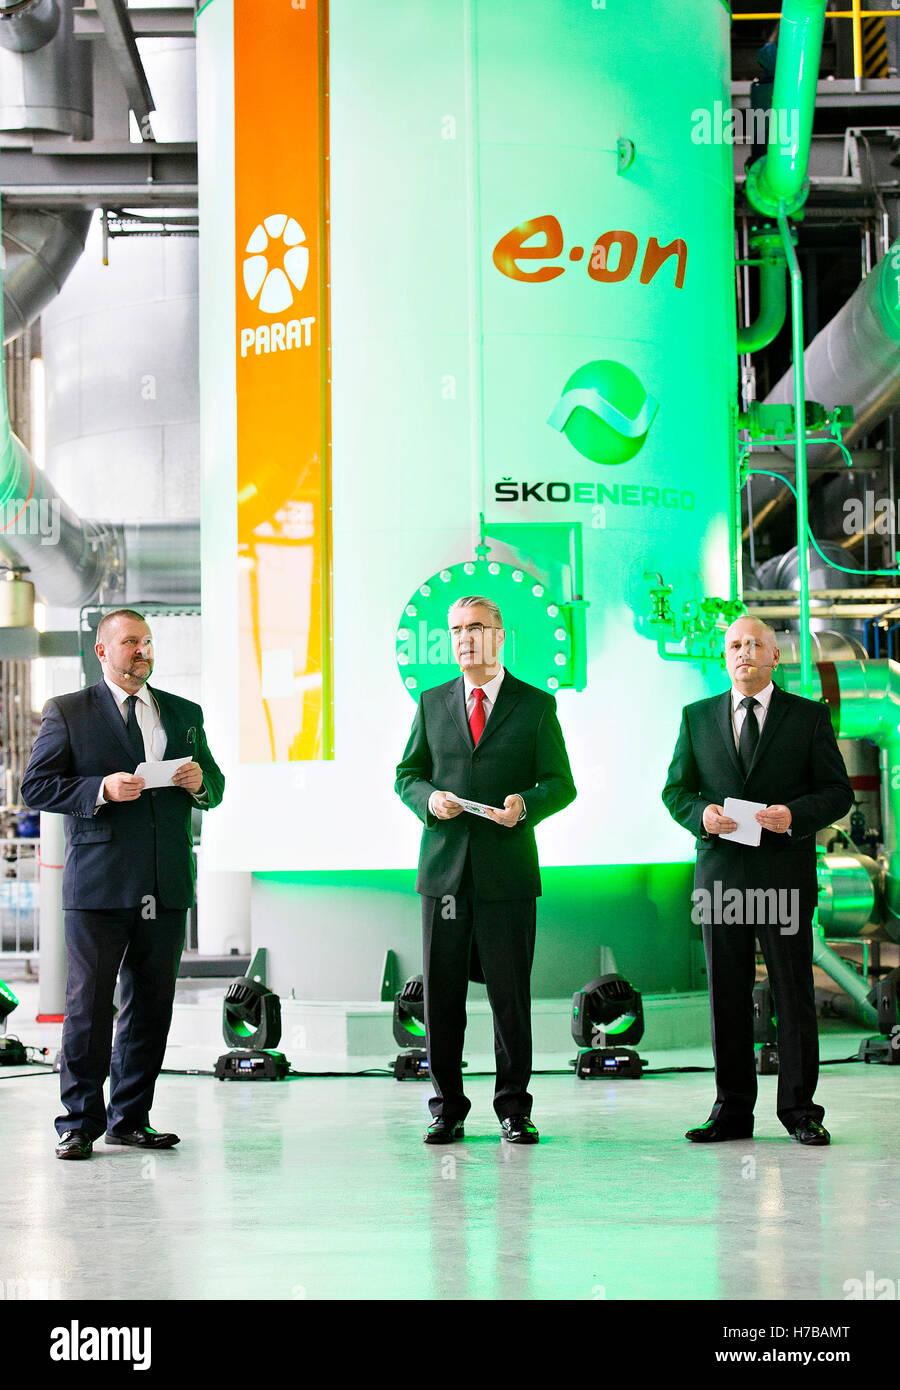 Sko-Energo Unternehmen stellen in Betrieb neue Elektroboiler im ...